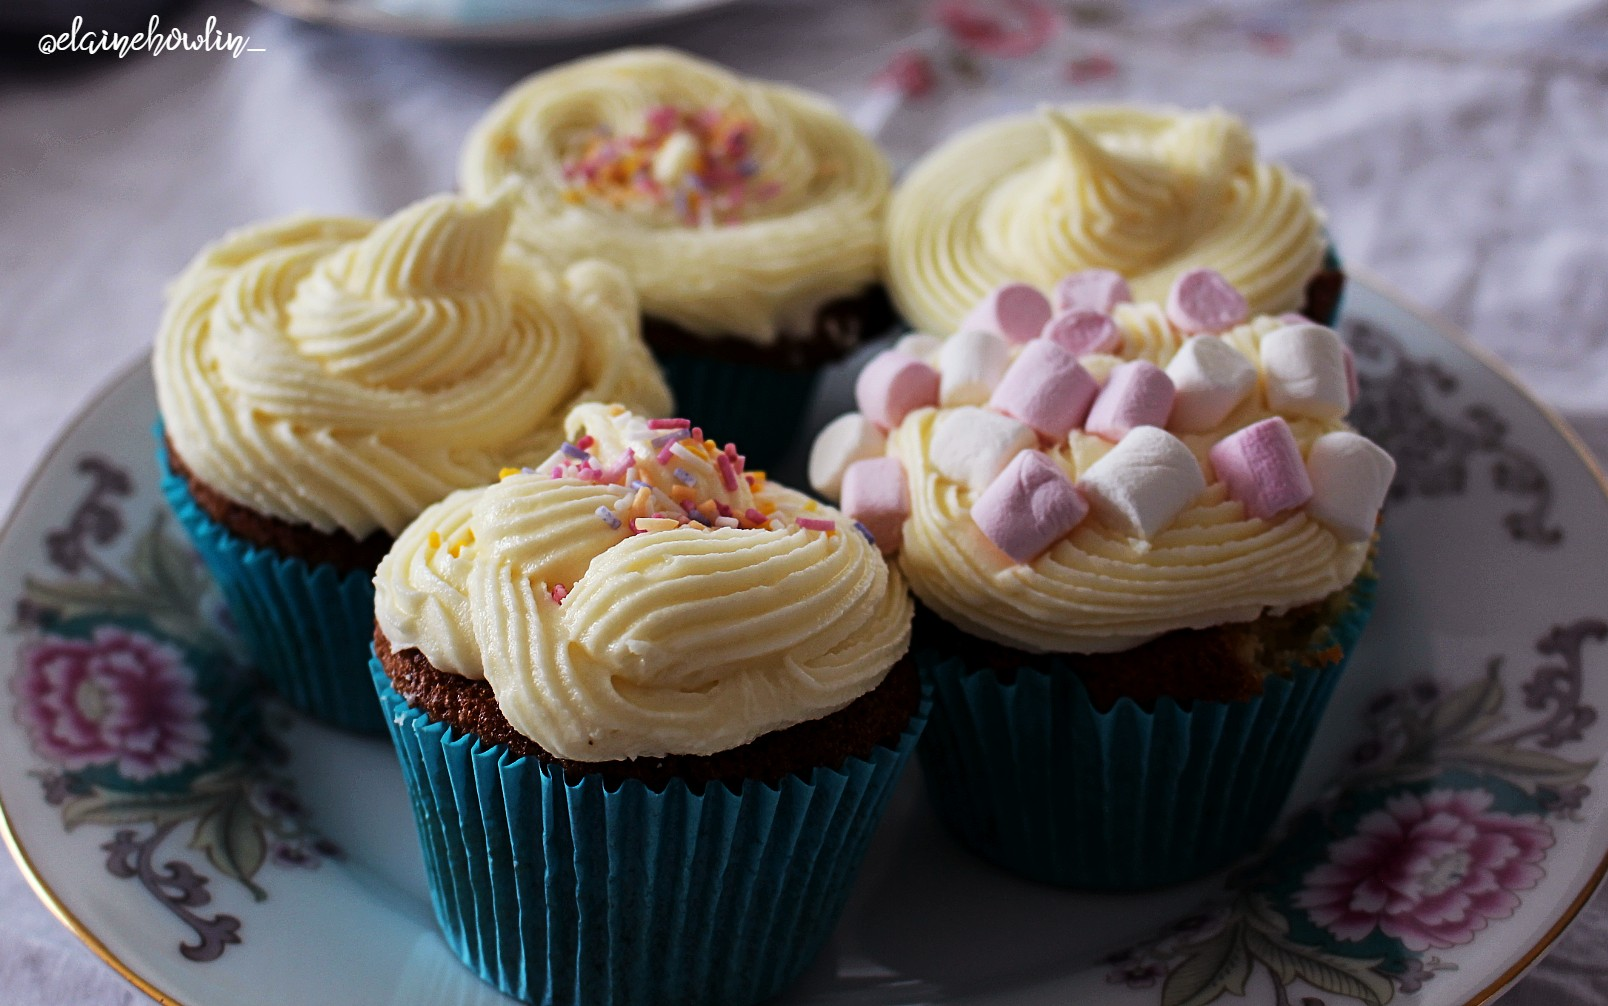 Cupcakes Elaine Howlin